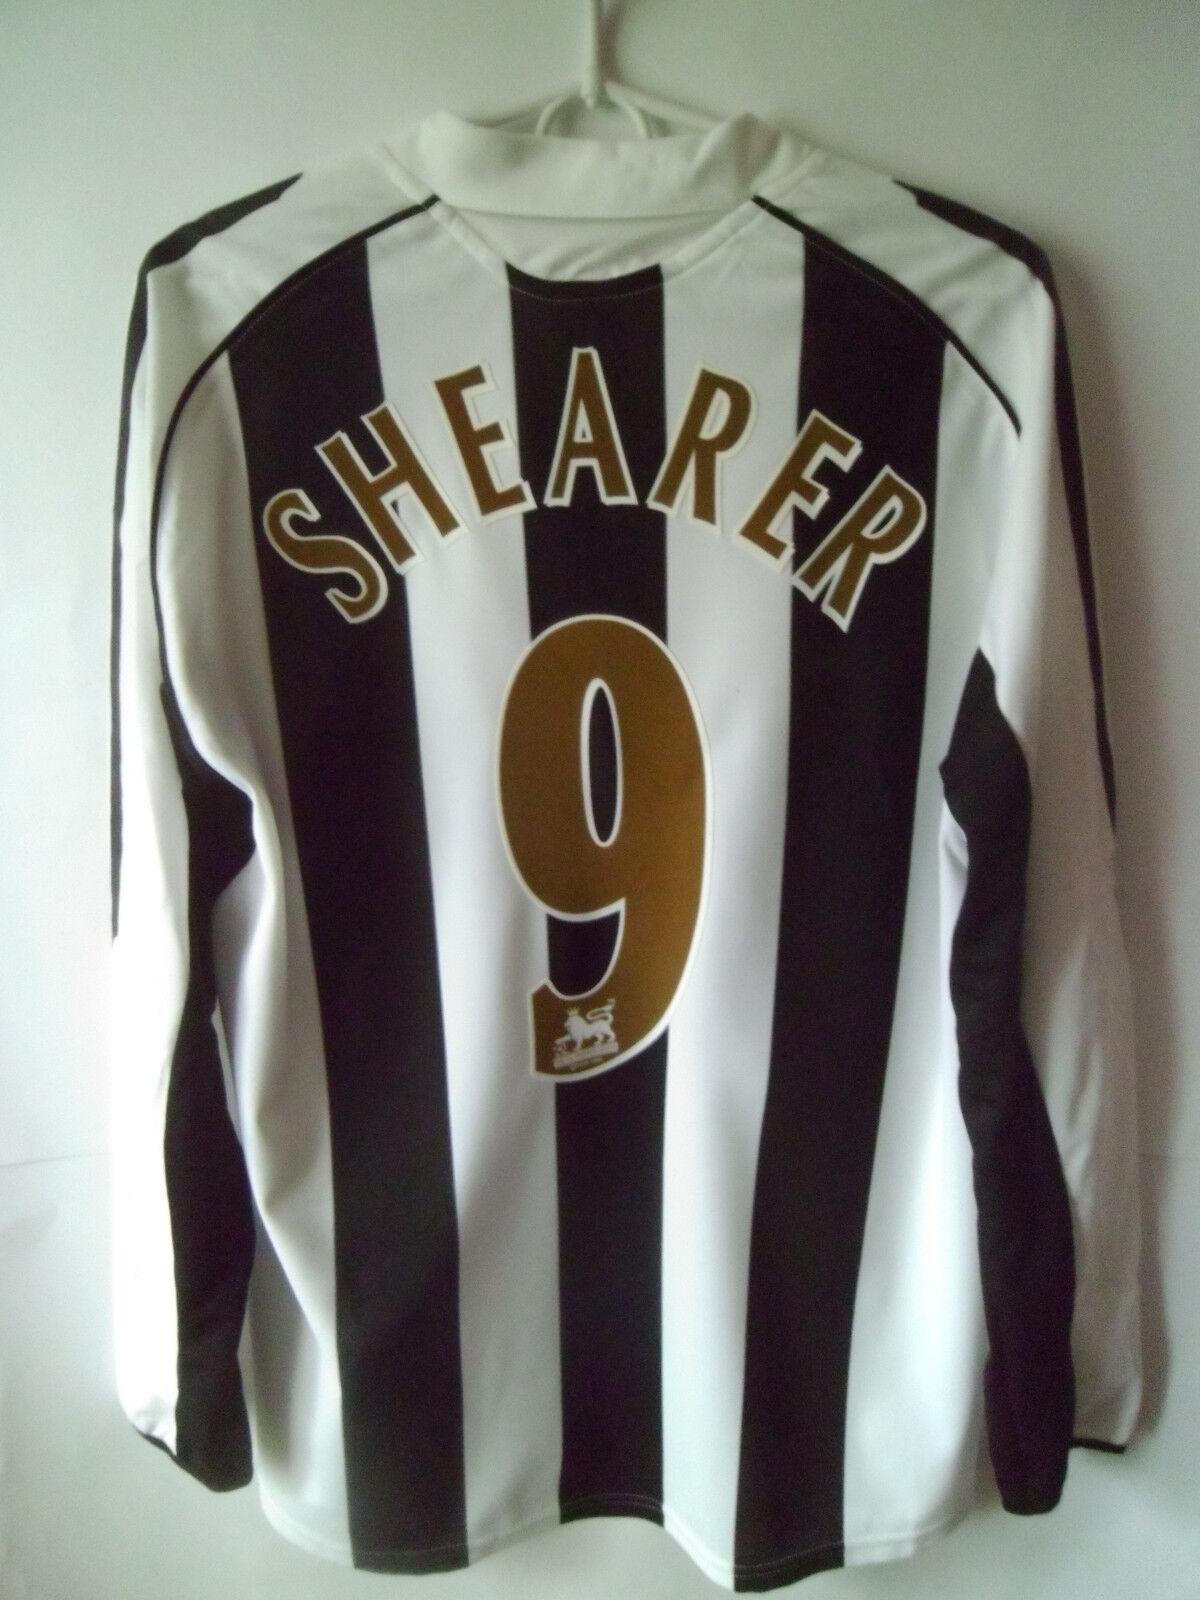 EXCELLENT       SHEARER     2005-07 Newcastle Home Shirt Jersey Trikot M 0d363a